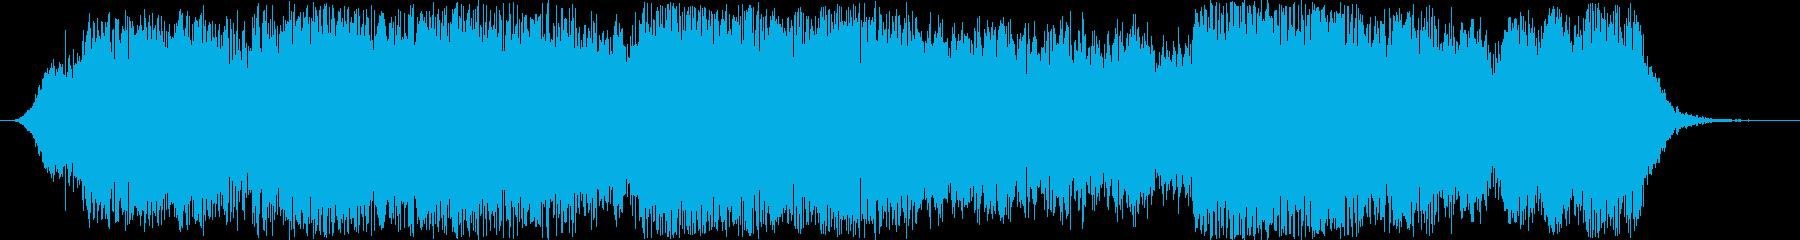 巨大な電気宇宙のタイムリープの再生済みの波形